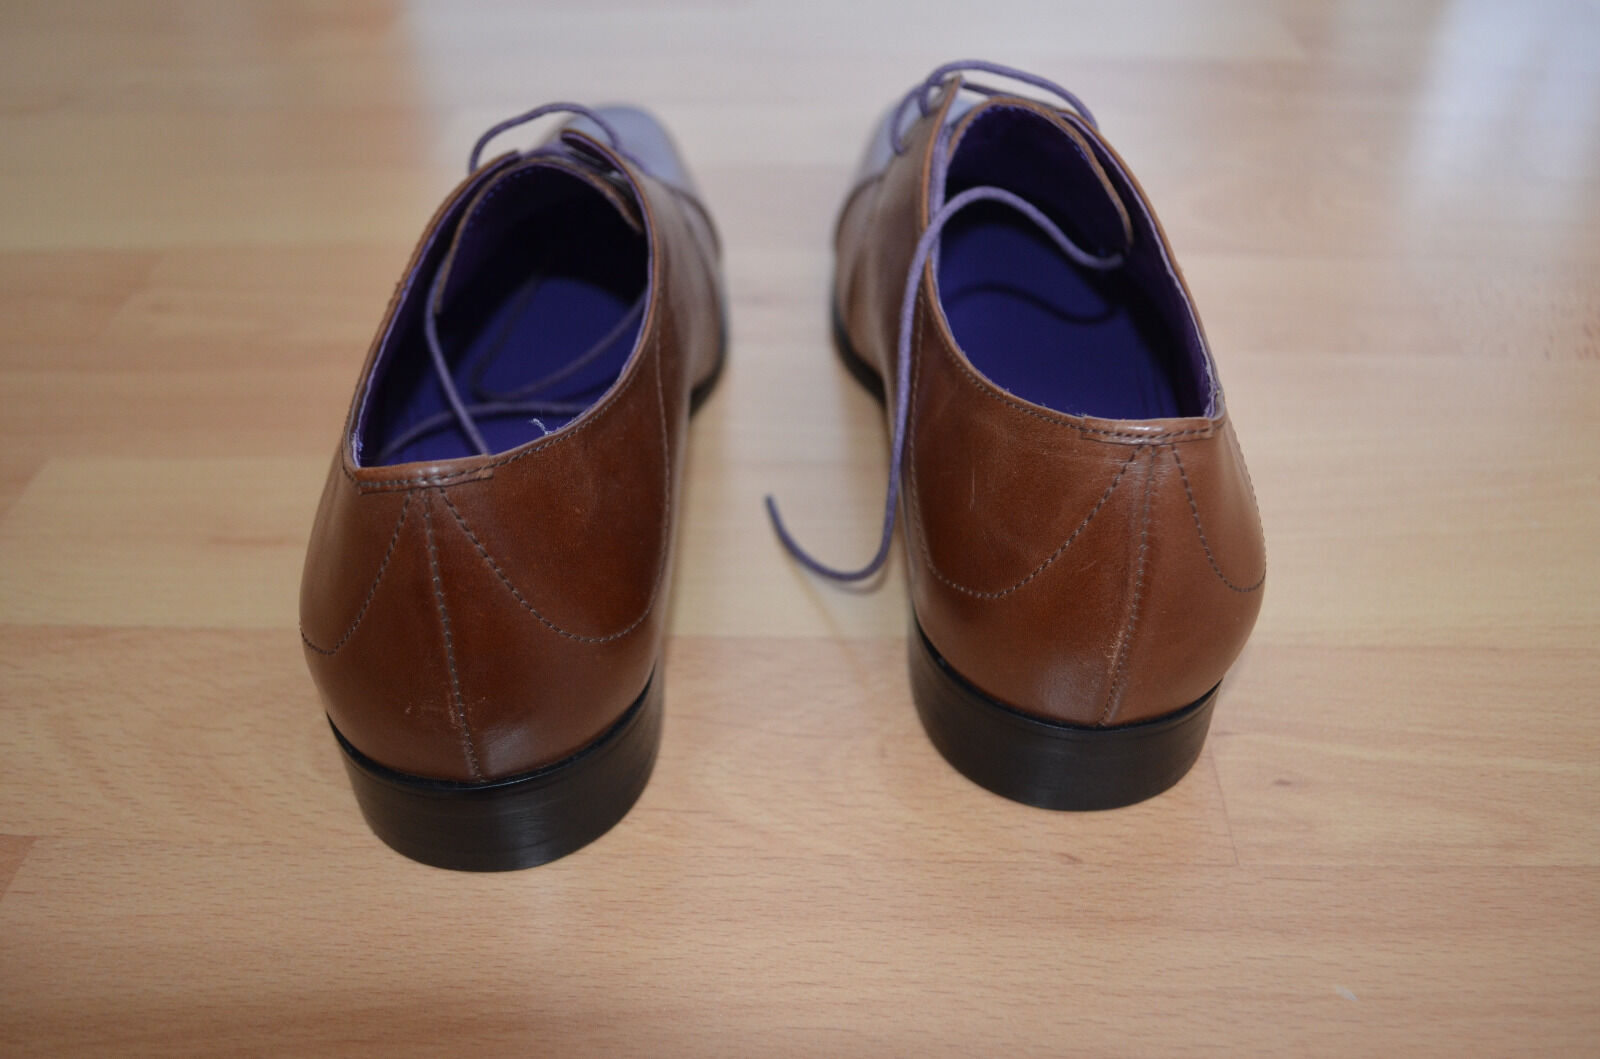 Belmondo Herren Schnürhalbschuhe Business-Schuhe Gr Gr Gr 41 (42 - 42,5) 659708E e158c8